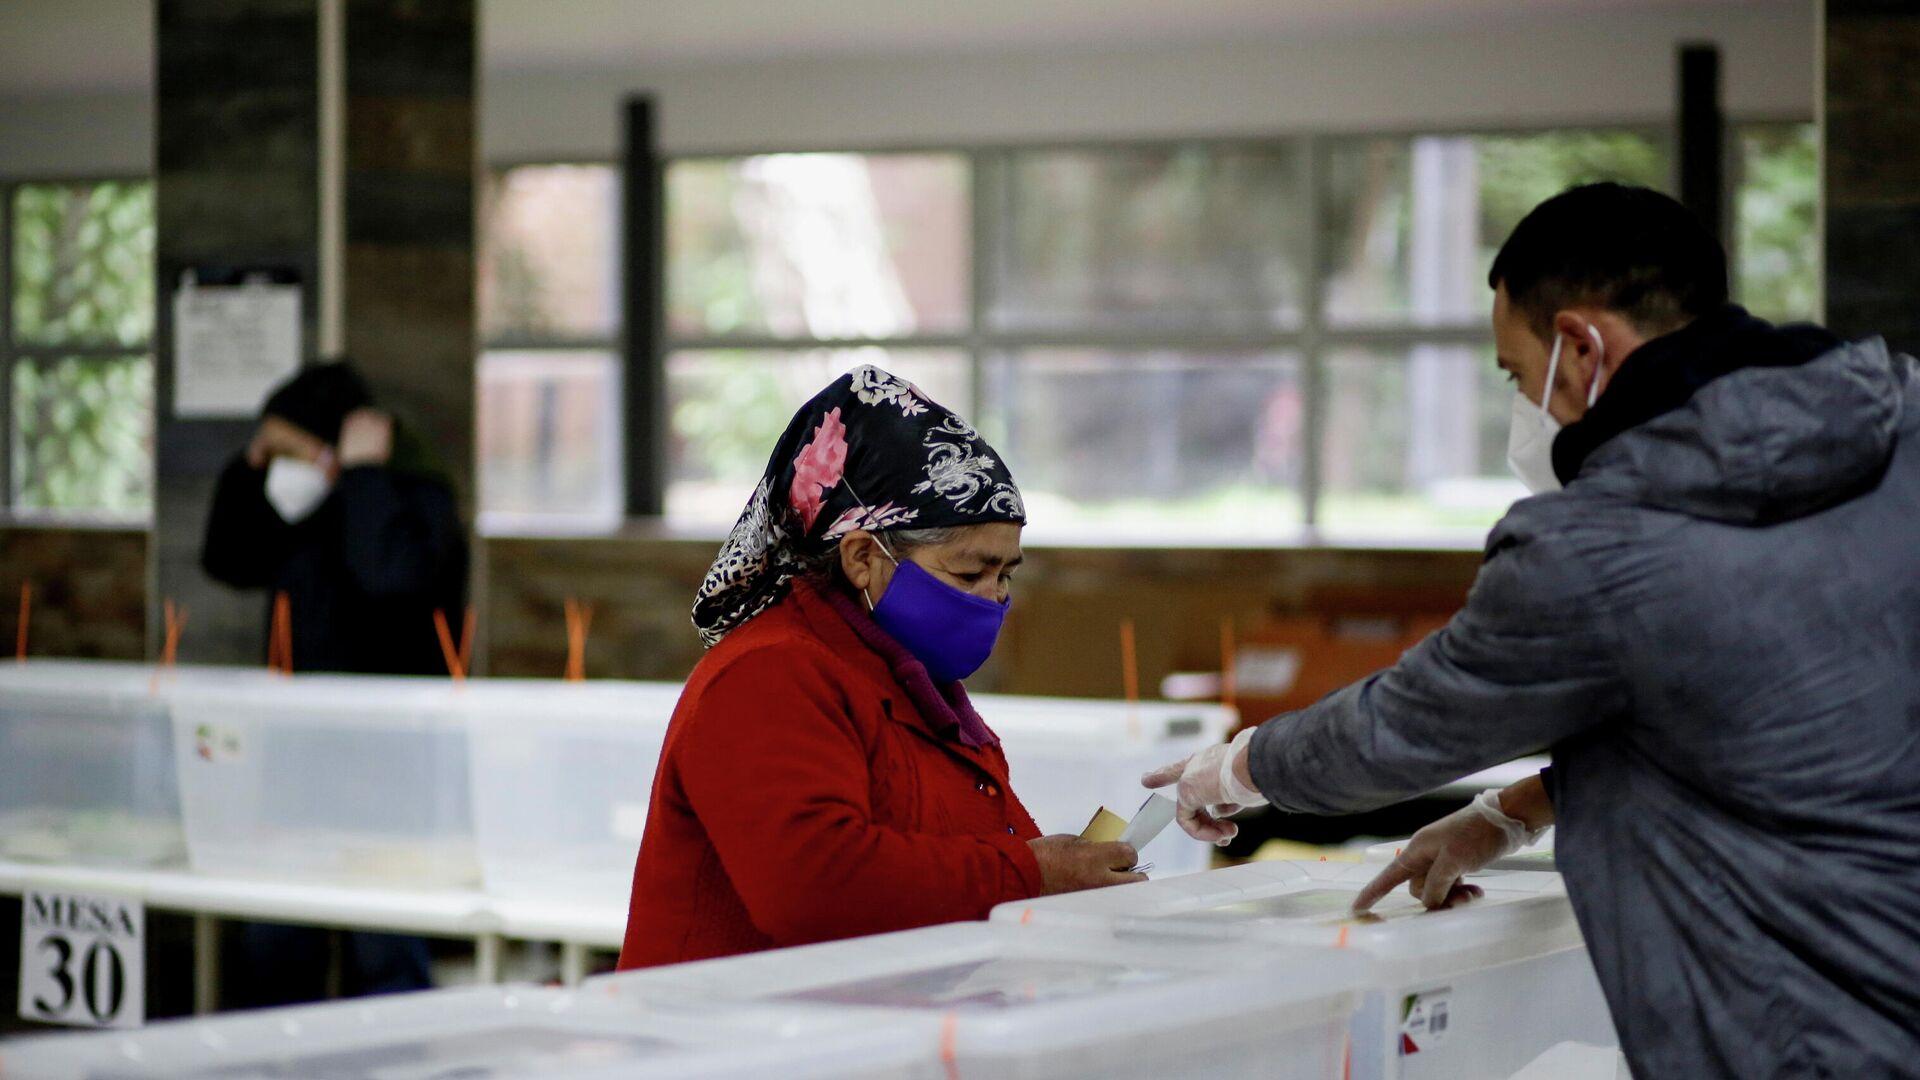 Elecciones en Chile - Sputnik Mundo, 1920, 15.05.2021